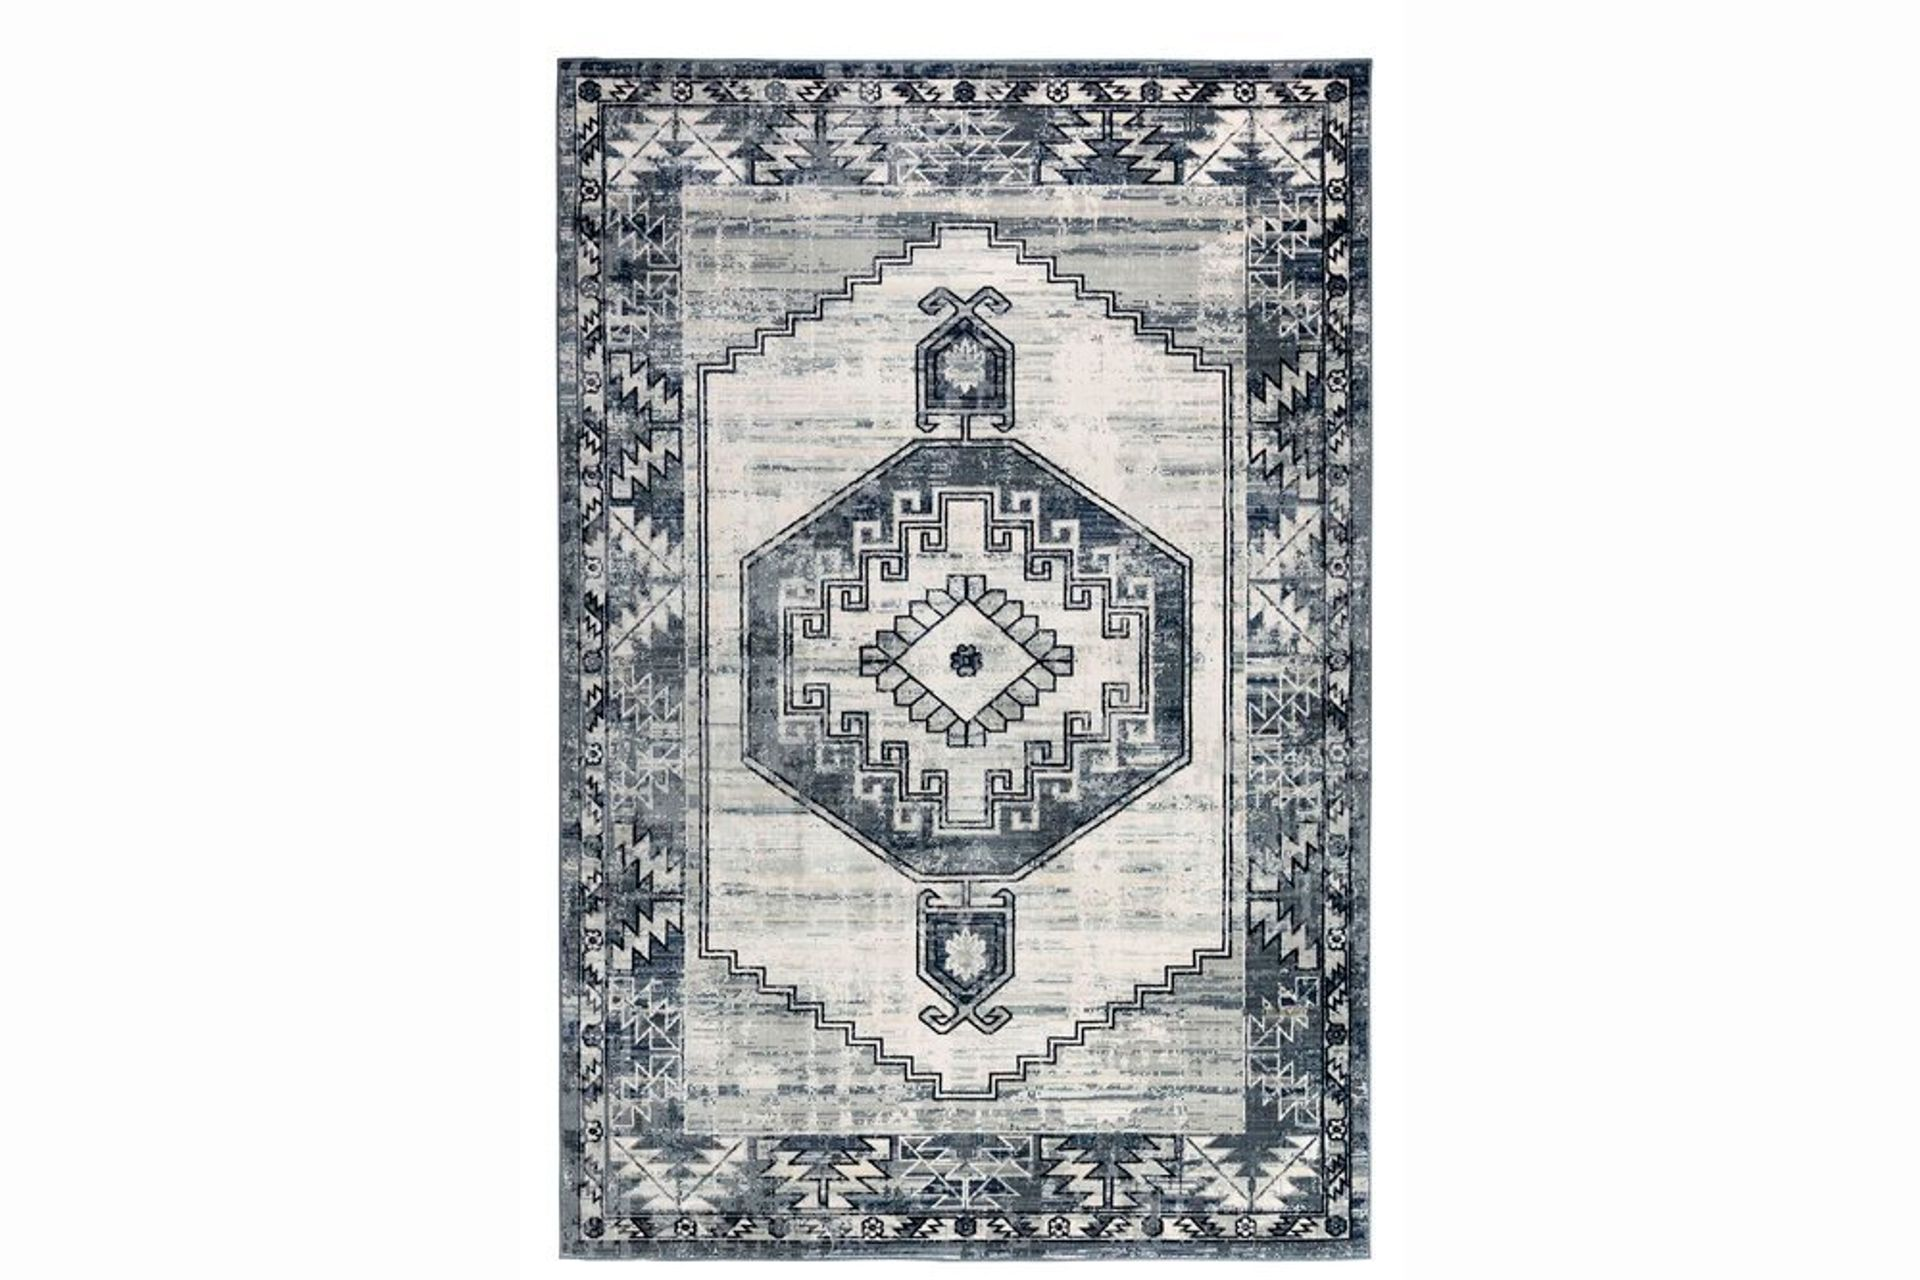 Felix Antique Woven Rug, 160 x 230, Grey